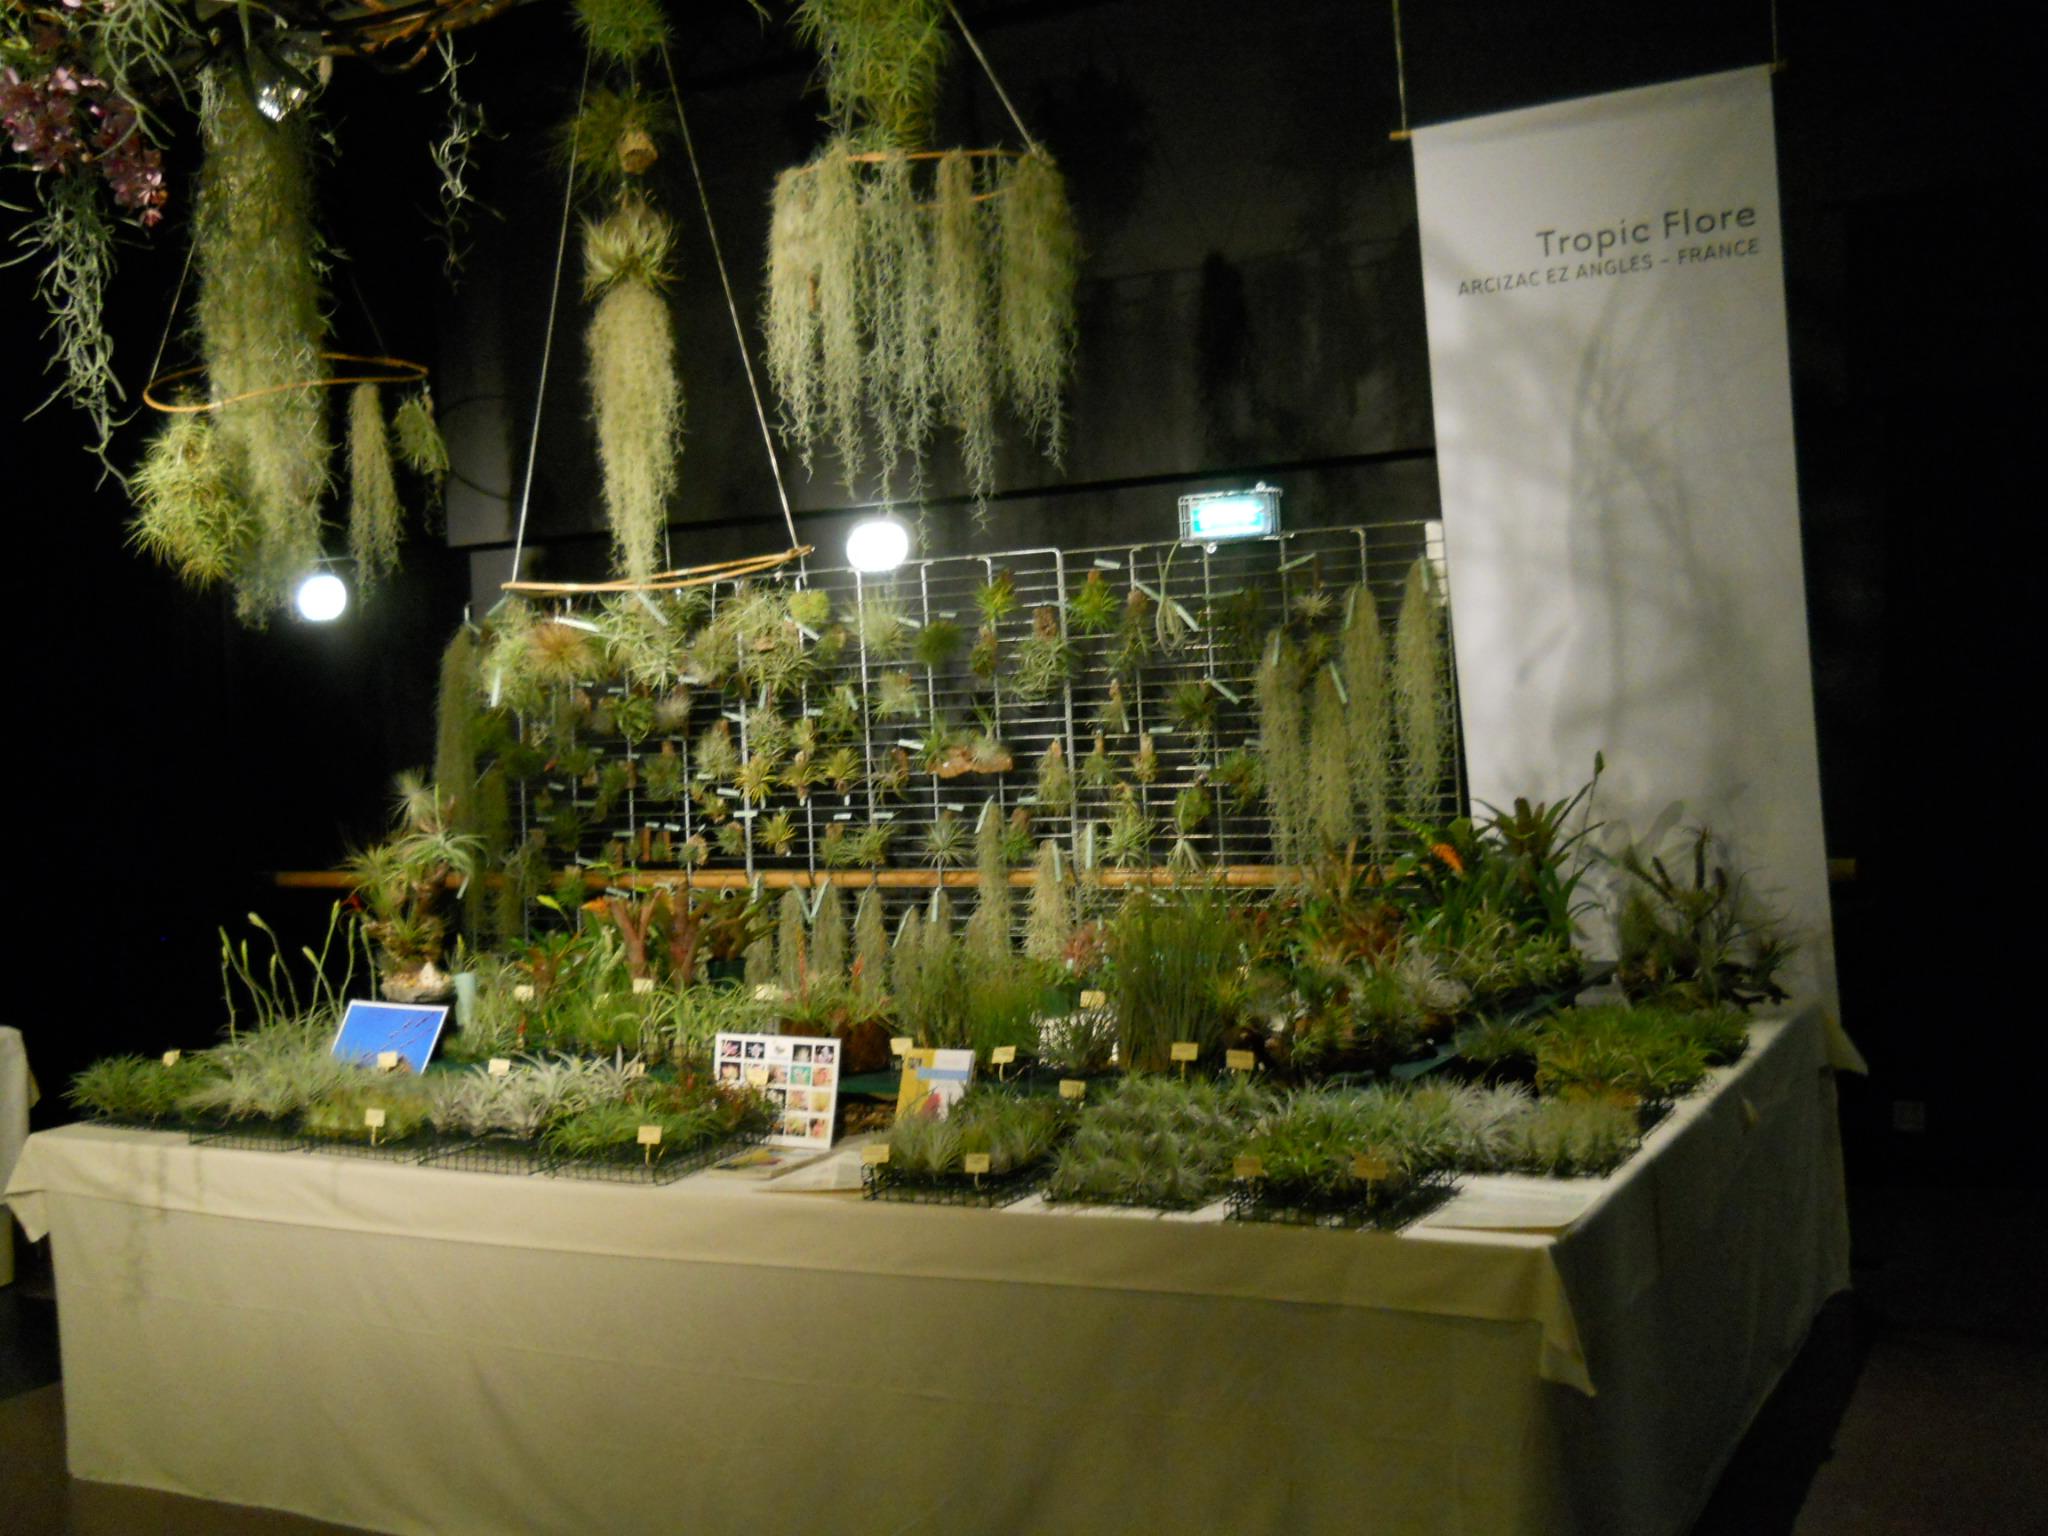 Tropic flore plantes piphytes tillandsias et autres for Site de vente de plantes